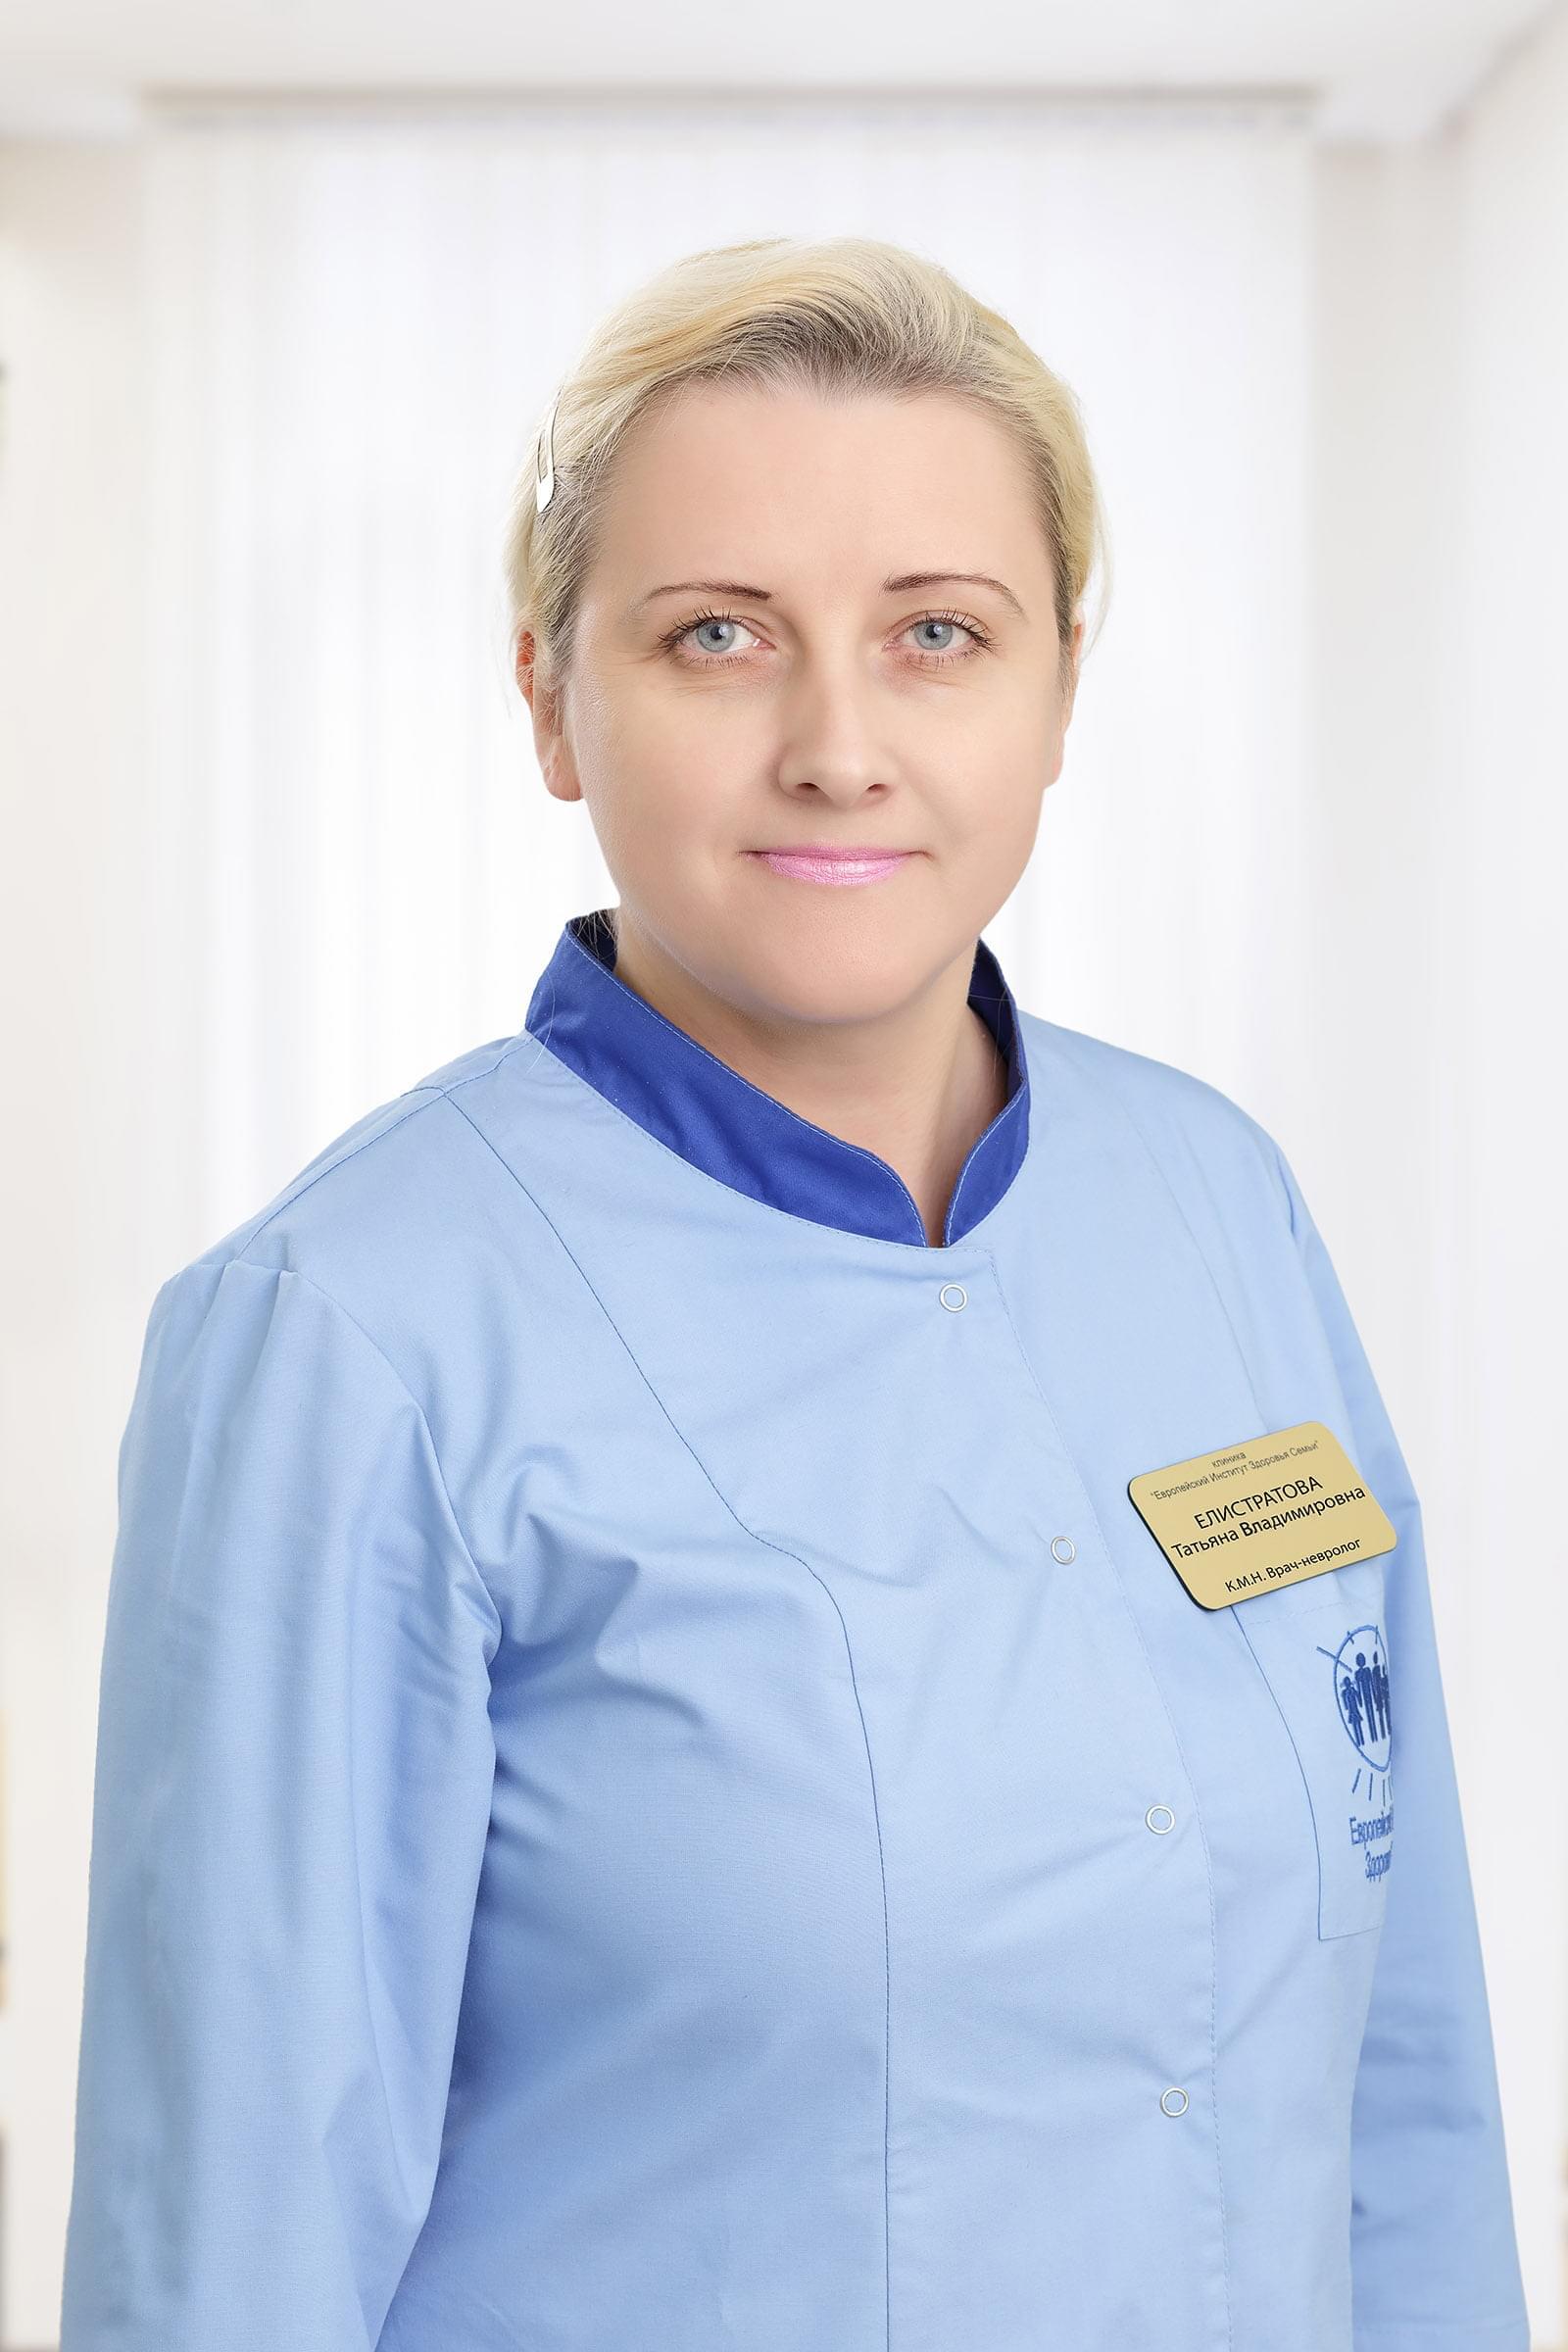 Елистратова Татьяна Владимировна -  Врач-невролог, кандидат медицинских наук